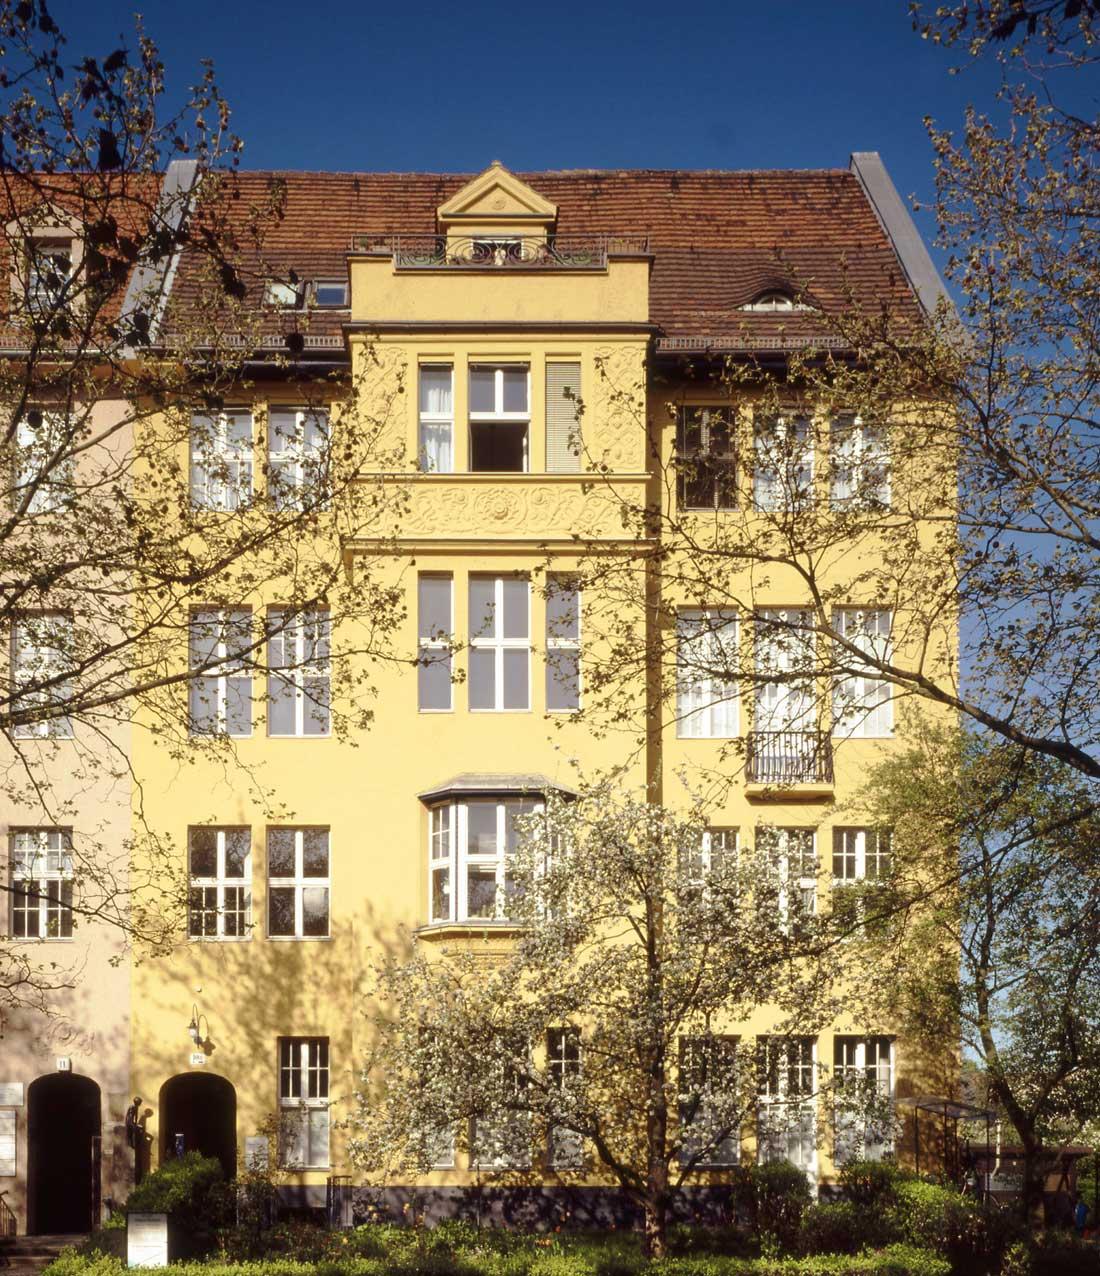 Gabriele Riesner, Architektin, Berlin-Wilmersdorf, Restaurierung/Modernisierung eines Mietshauses, Fassadenansicht